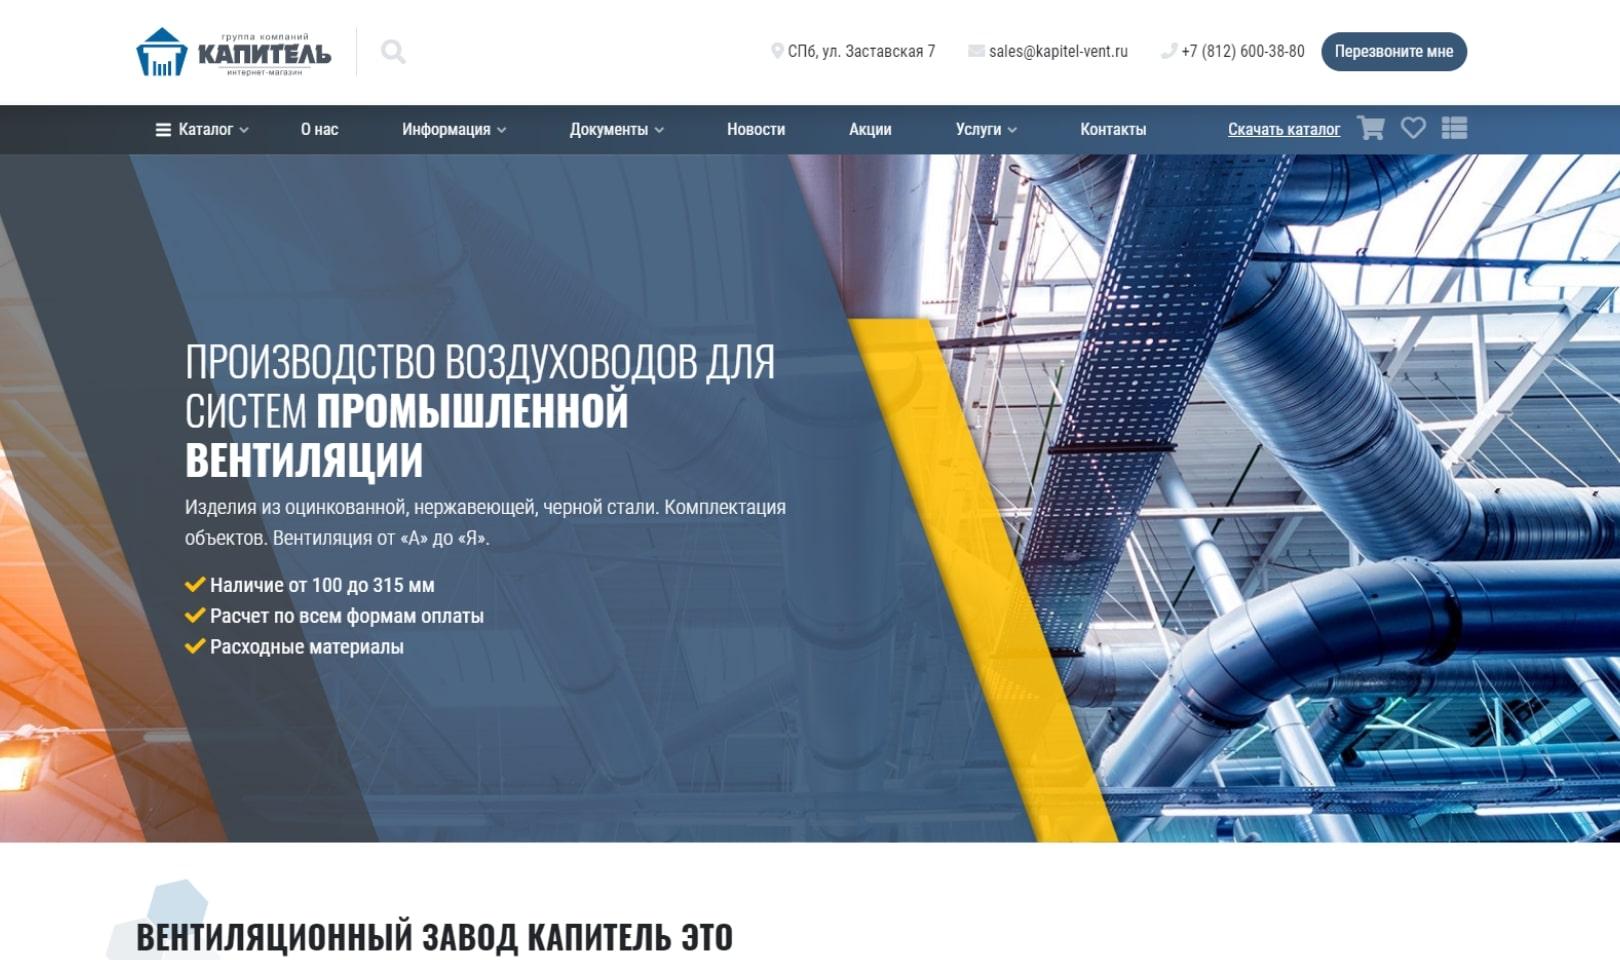 Интернет-магазин завода вентиляционного оборудования